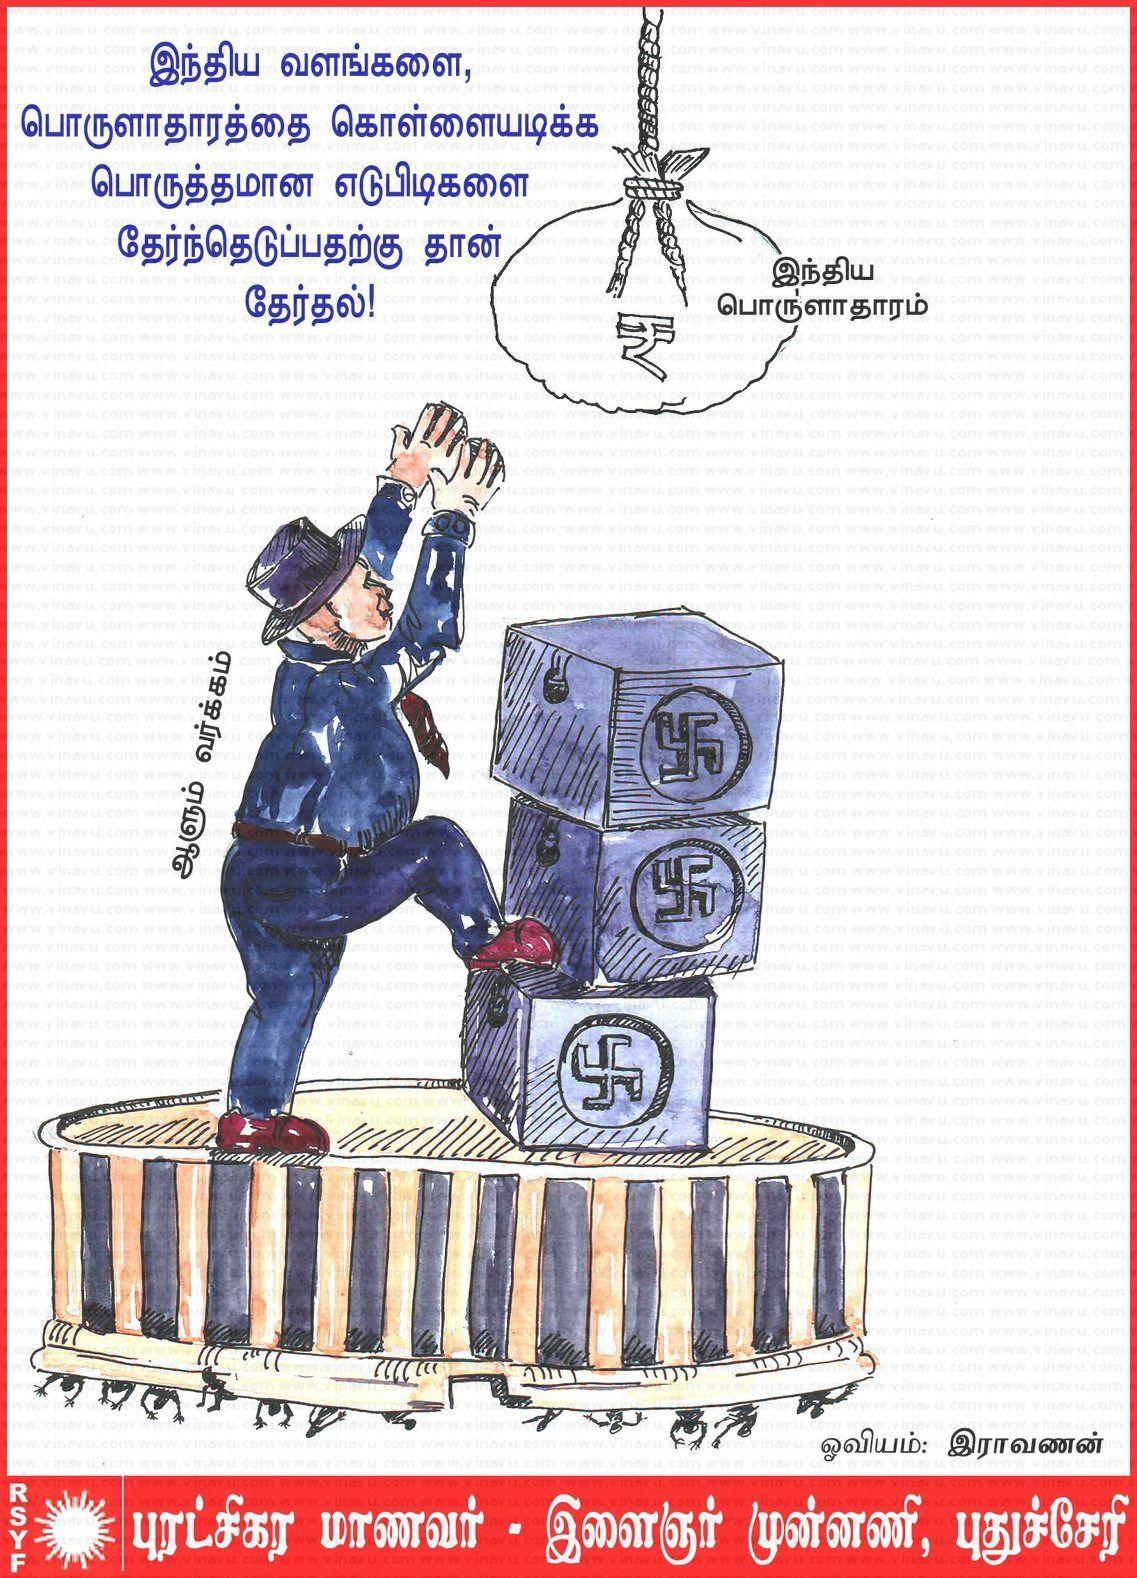 தேர்தல் - கார்ப்பரேட் கொள்ளைக்கு லைசன்ஸ்